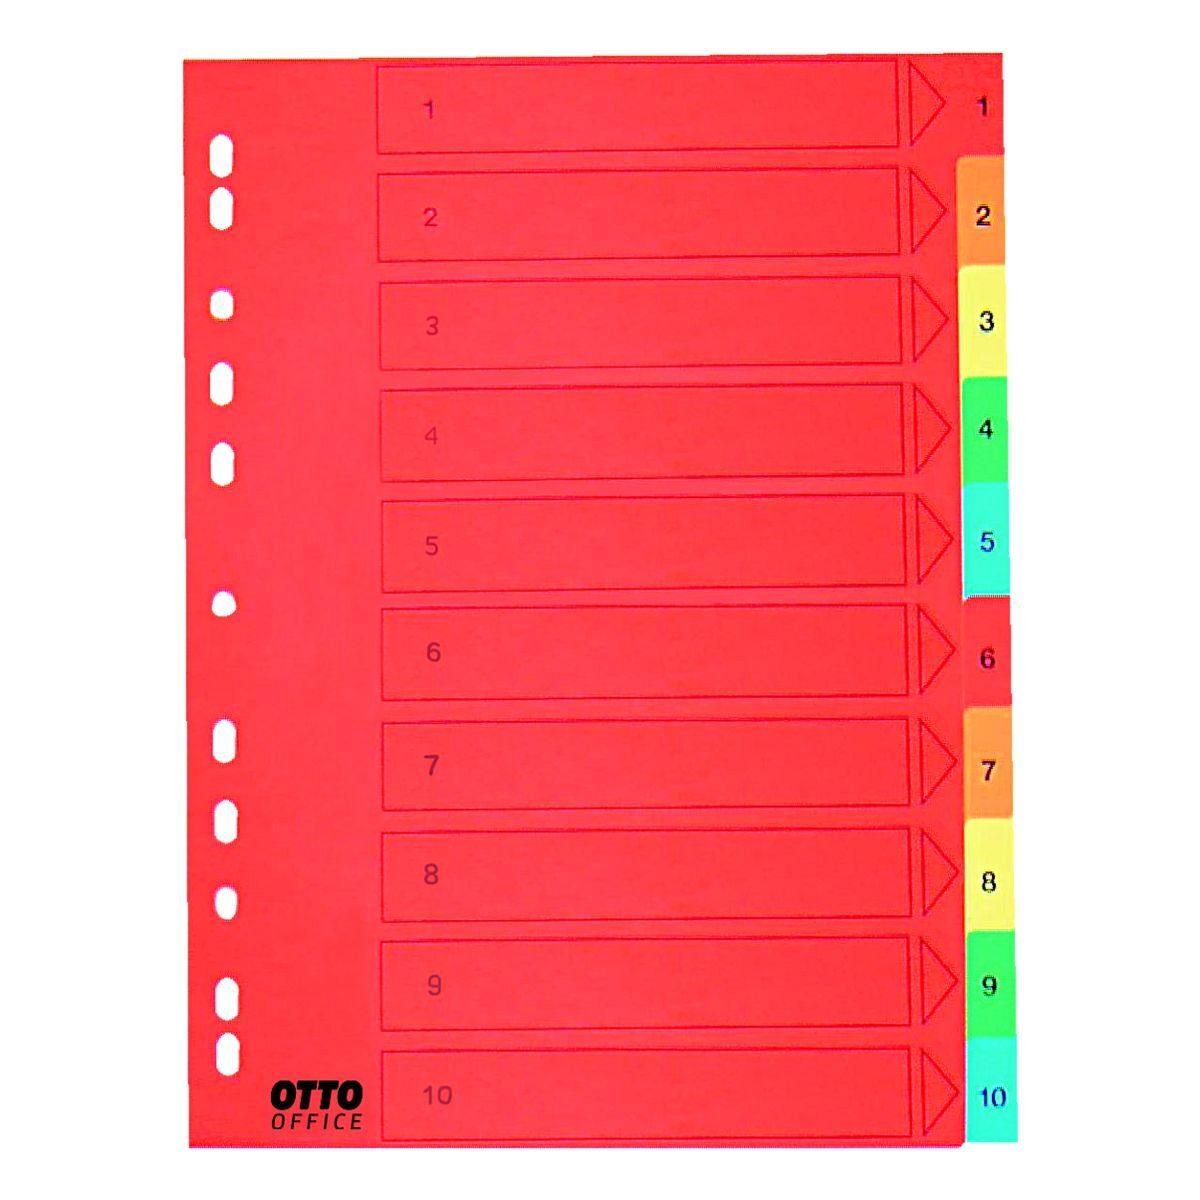 OTTO Office Premium Kartonregister 1-10 A4 farbig